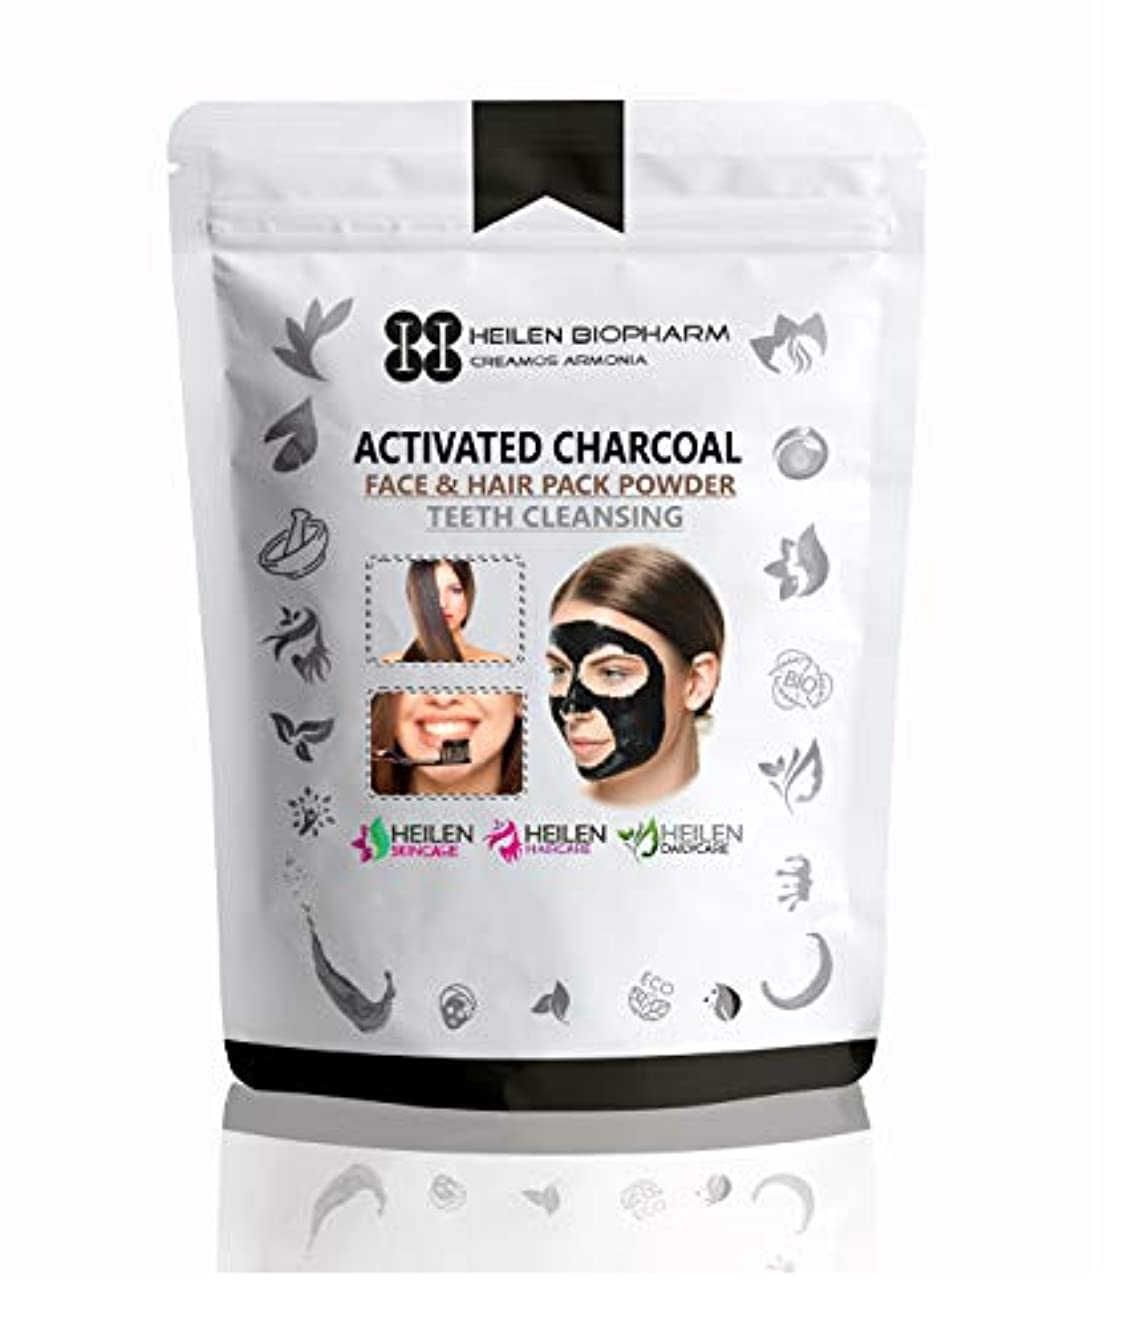 不適極めて重要な貫通活性化チャコールパウダー(フェイスパック用)(Activated Charcoal Powder for Face Pack) (600 gm / 21 oz / 1.32 lb)